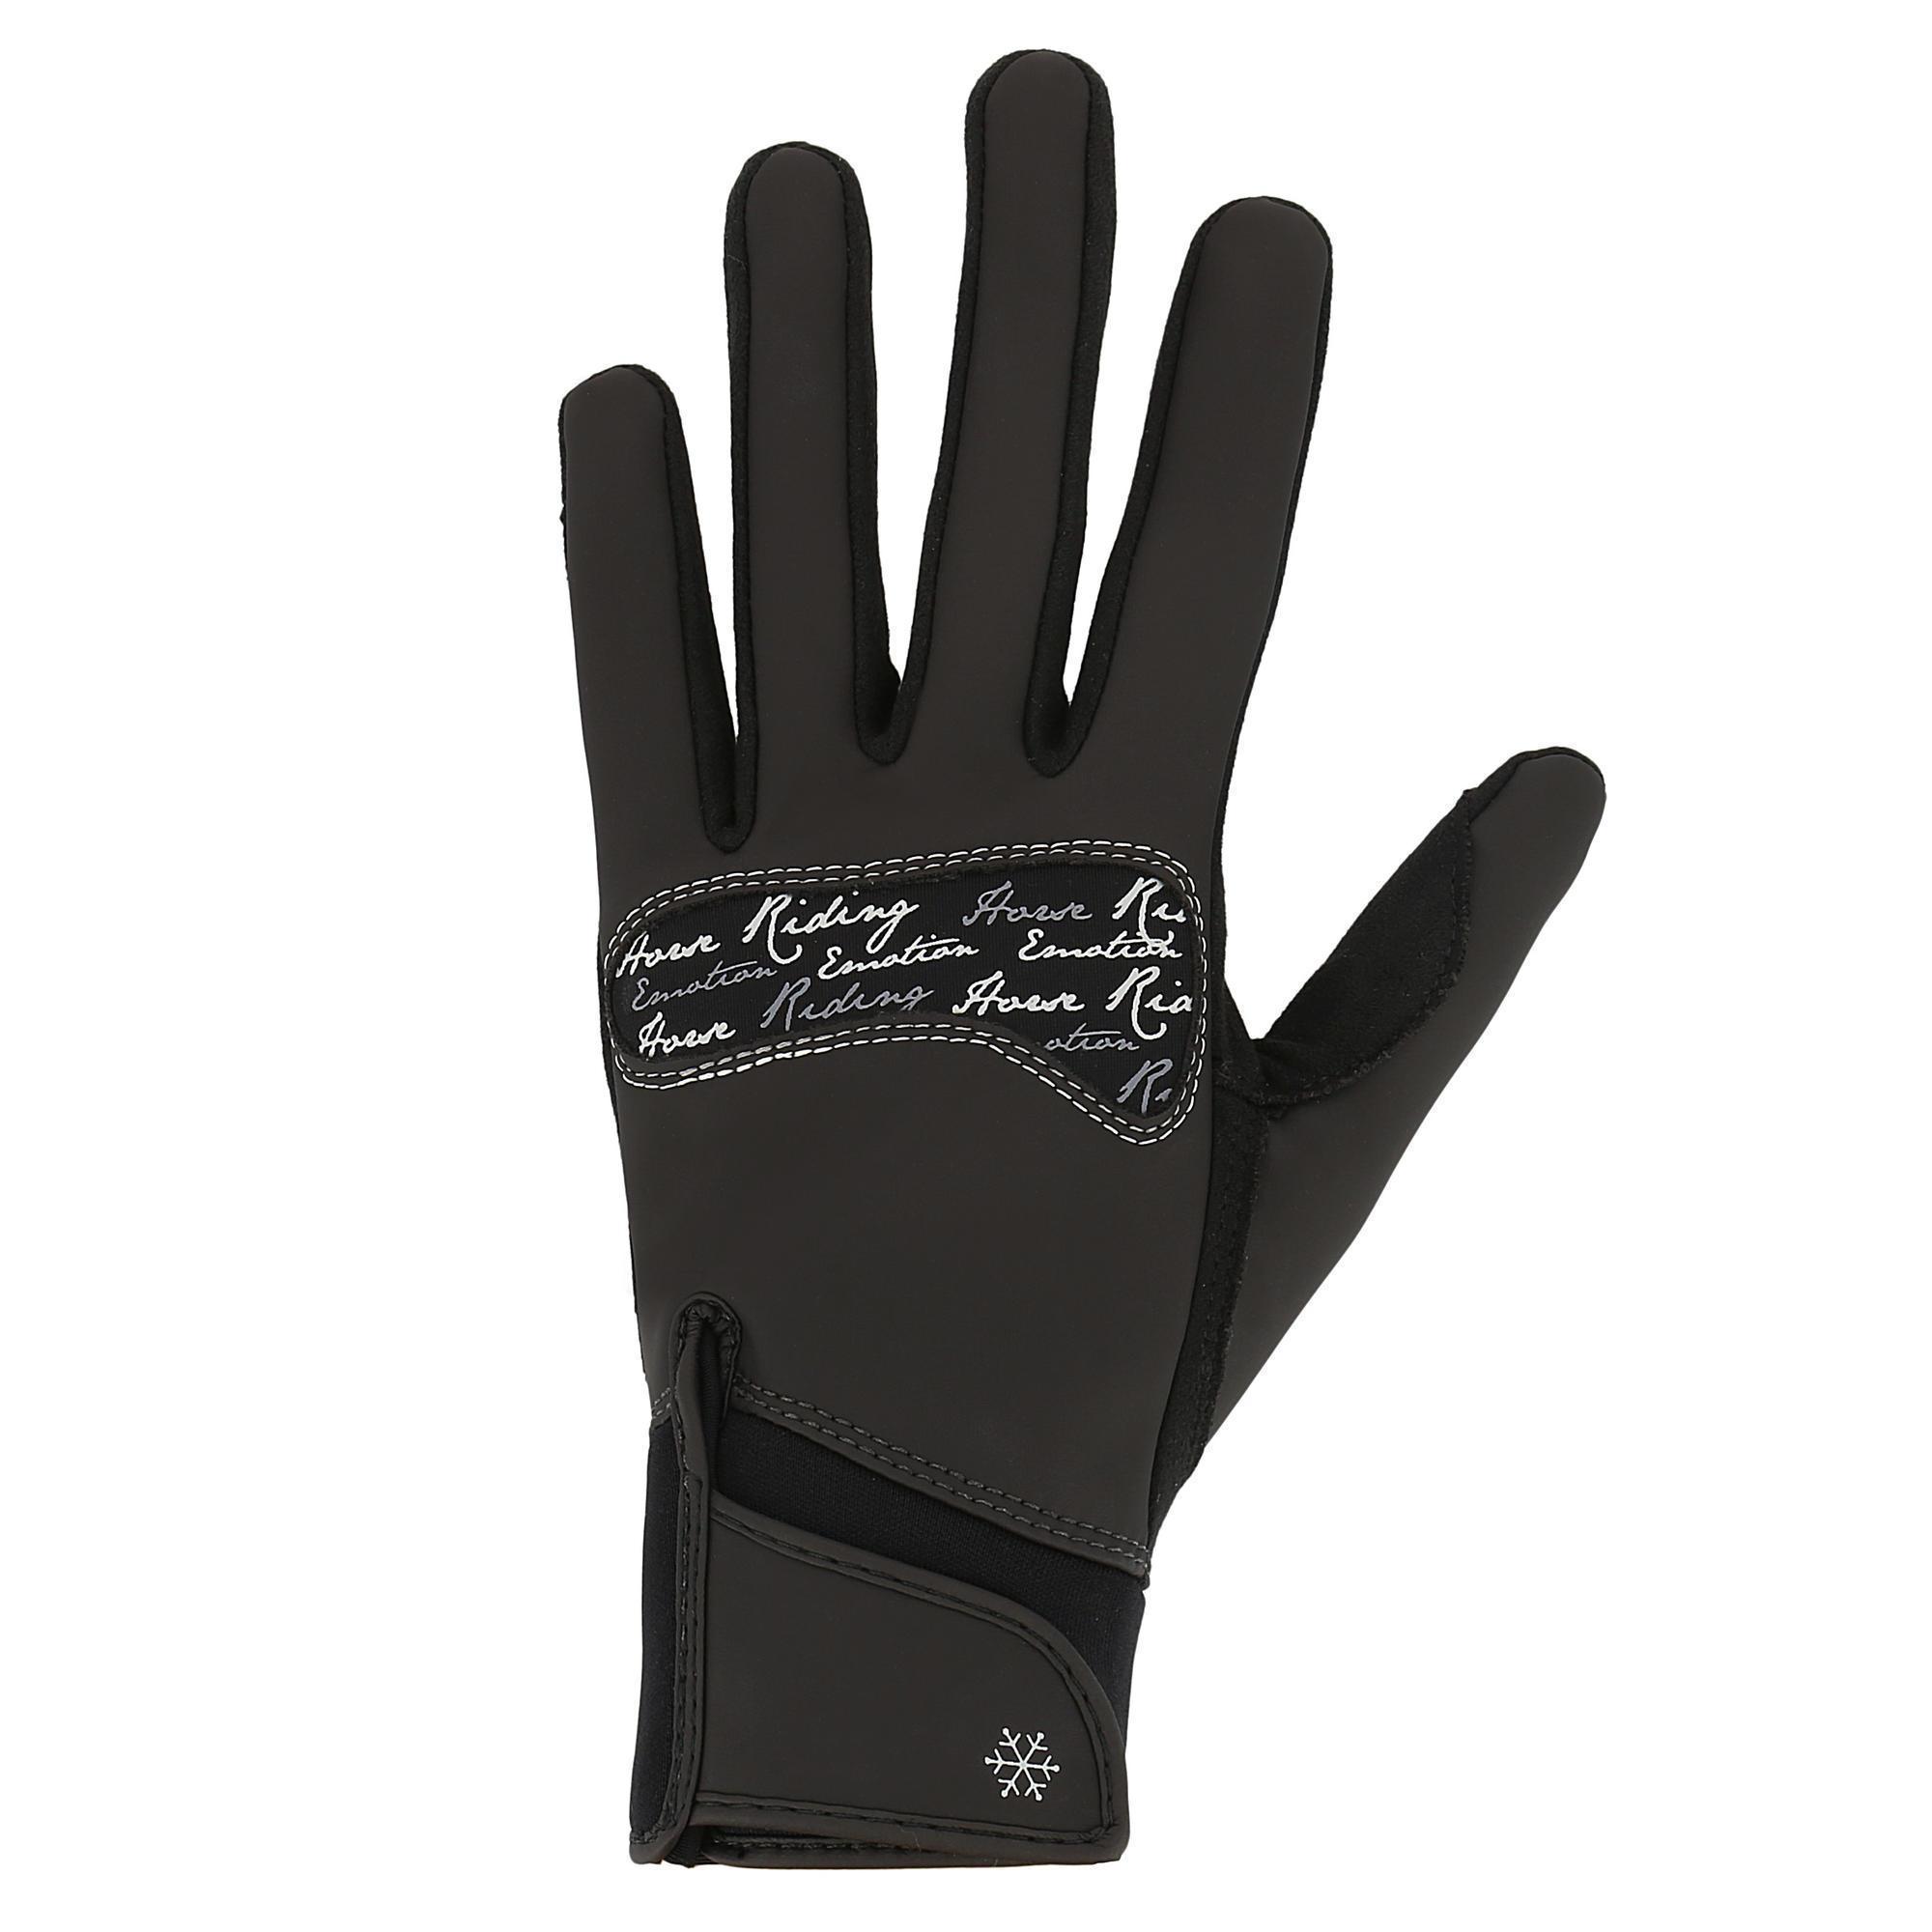 Black riding gloves - Black Riding Gloves 35